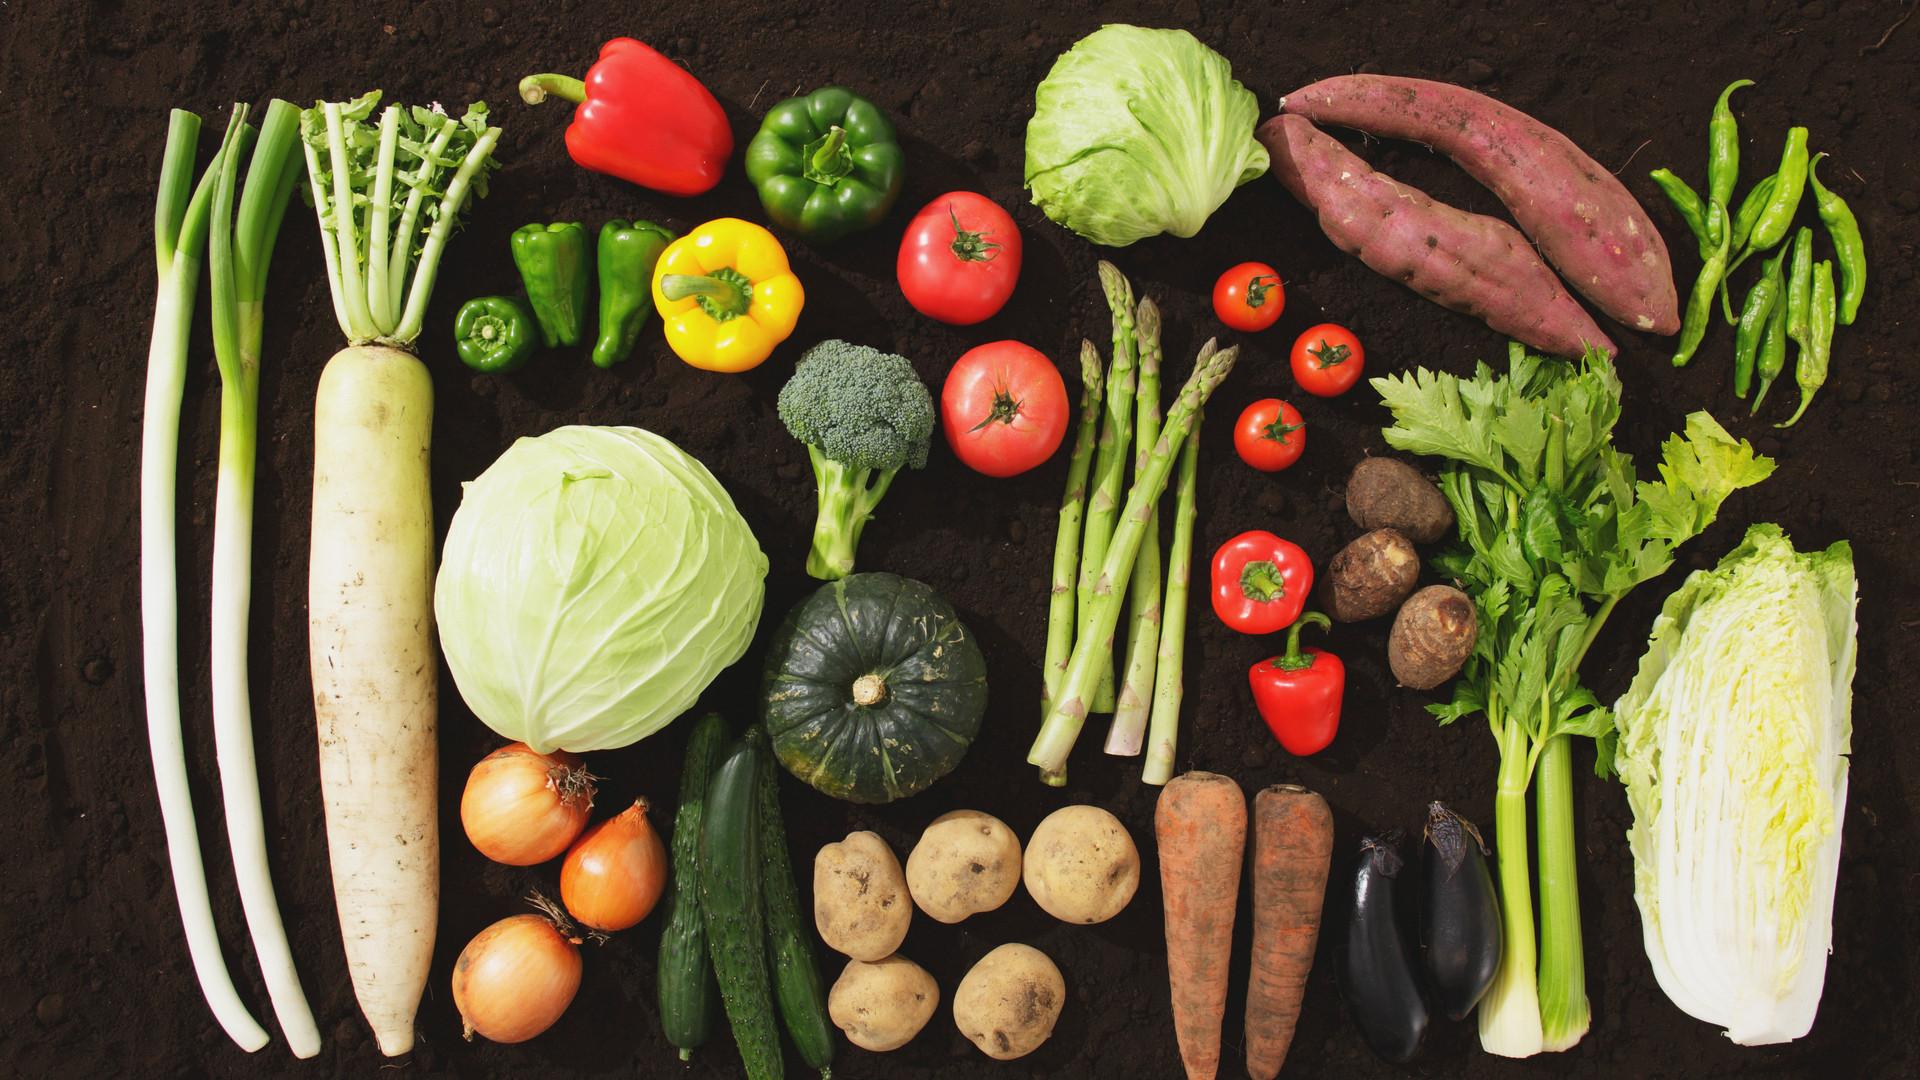 家で捨てる食材6,990名調査 納豆、豆腐、もやし、パン、キャベツ、レタス…1位は?(井出留美) - 個人 - Yahoo!ニュース